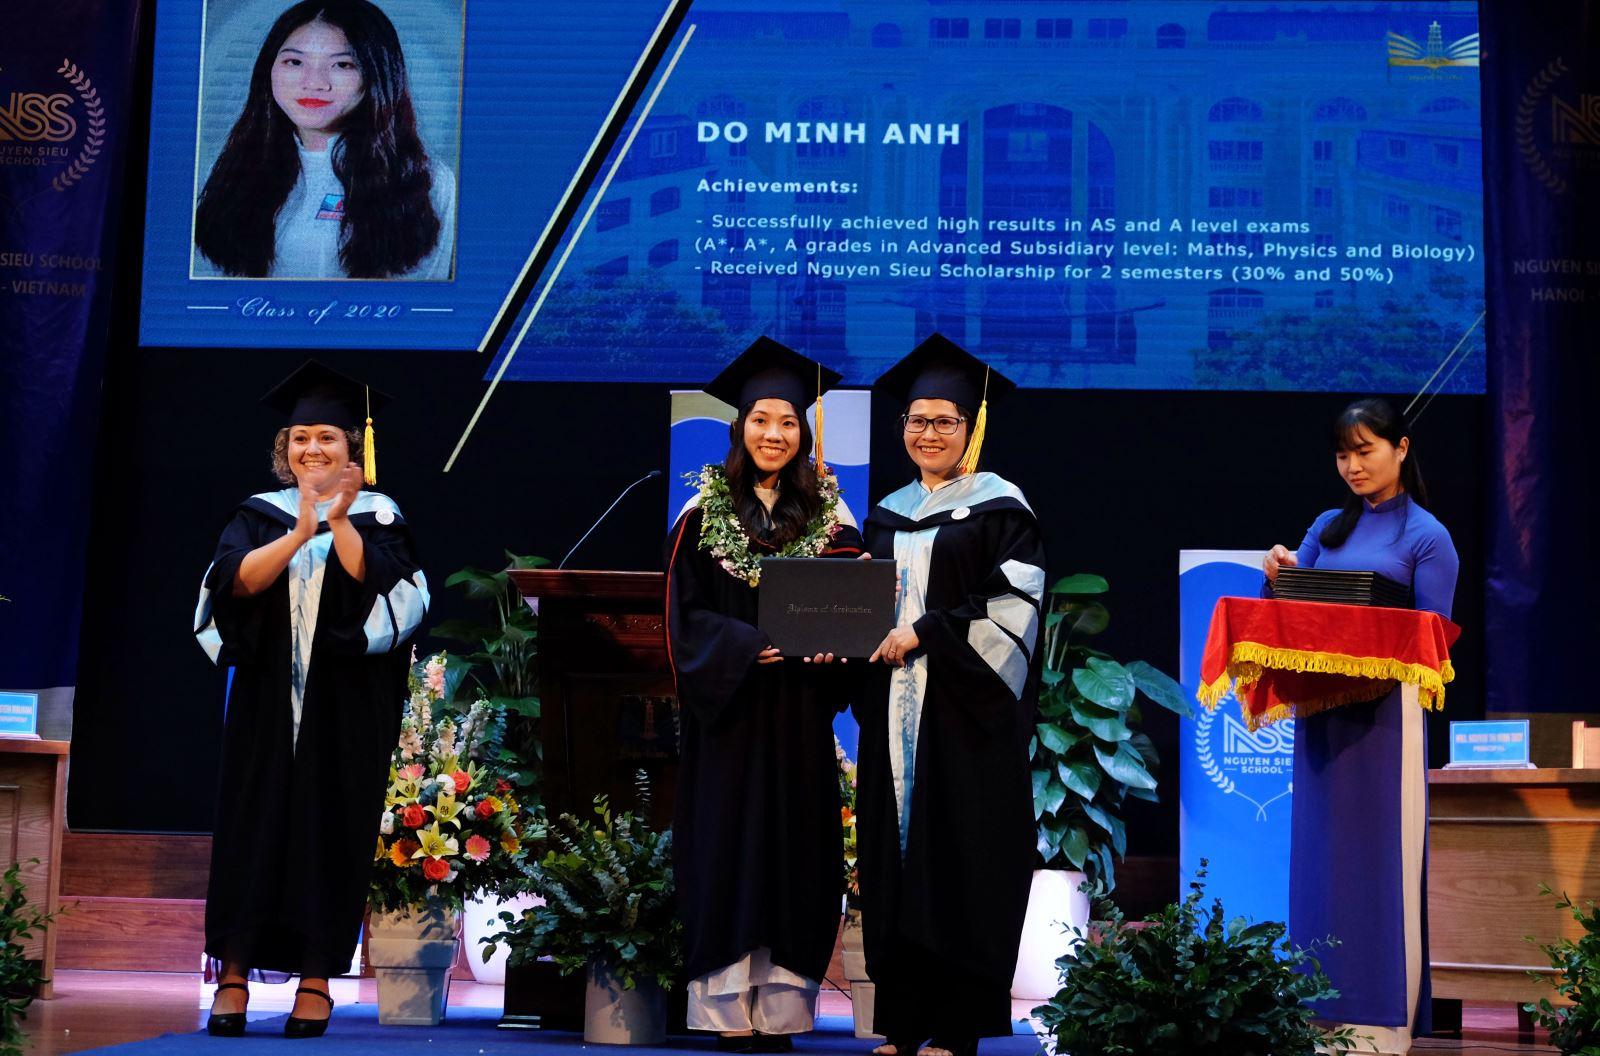 Trên hành trình của những công dân toàn cầu mang bản sắc Việt